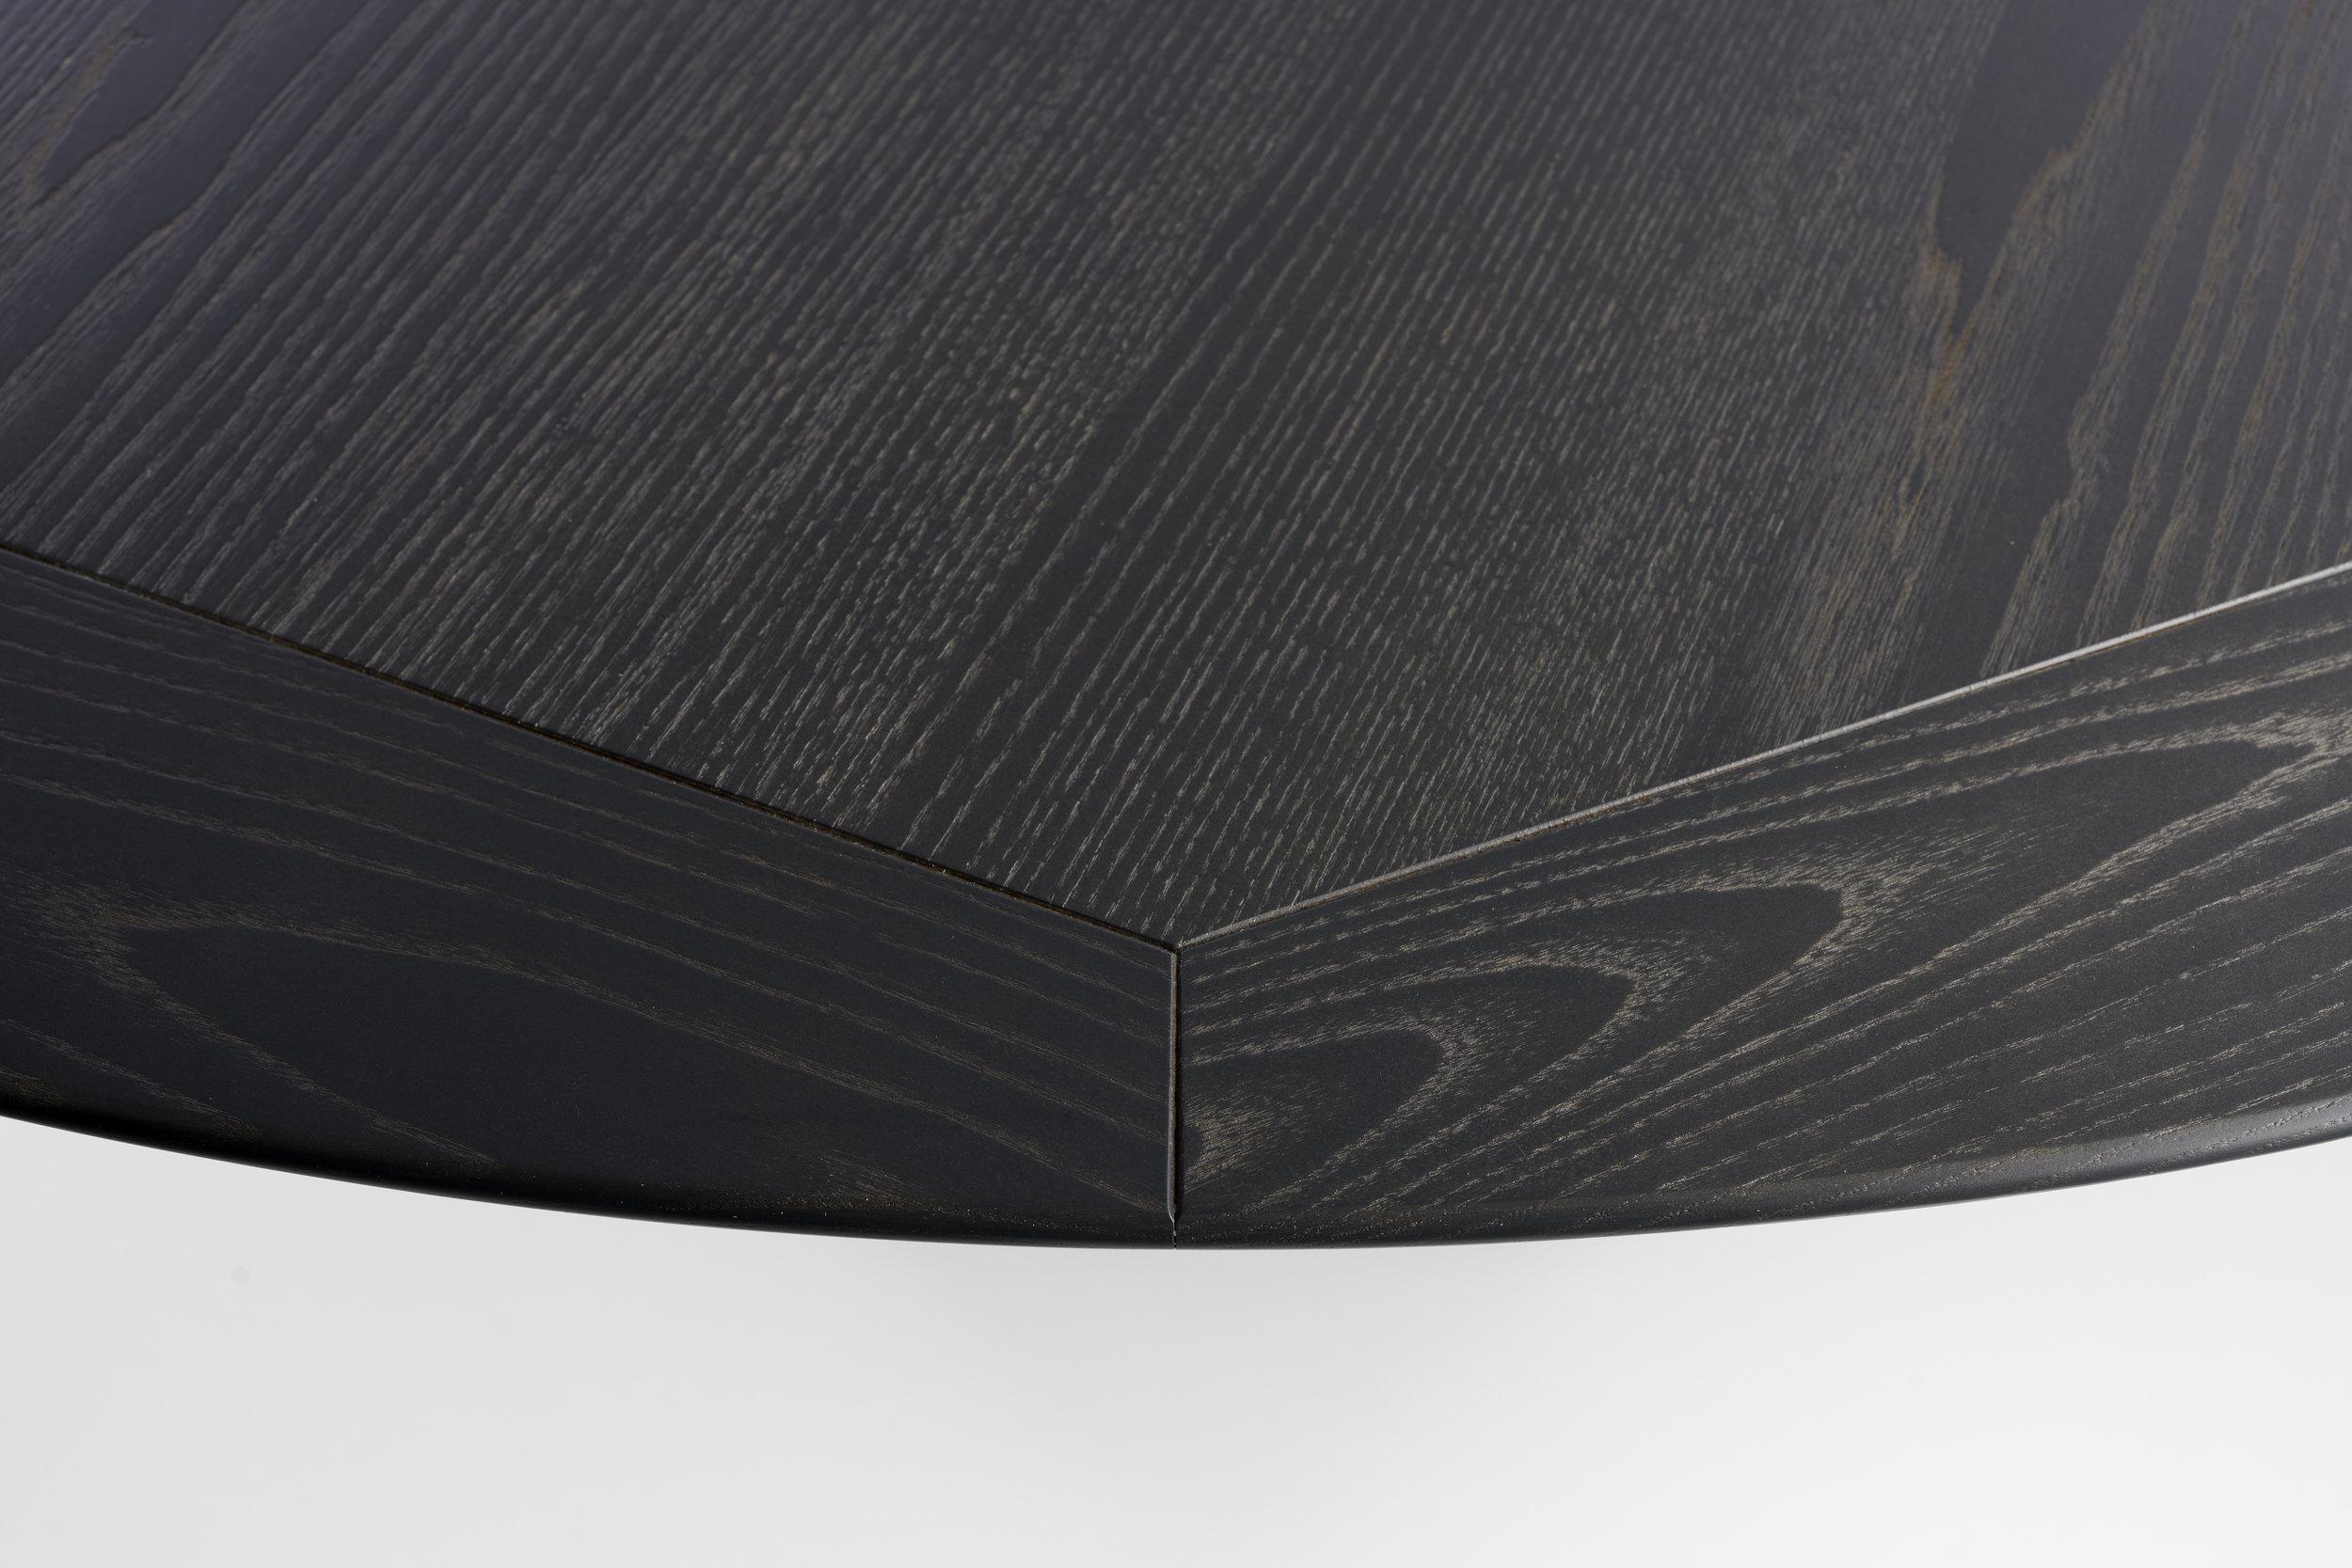 Potocco-OTAB-table-Gabriele e Oscar Buratti 03.jpg